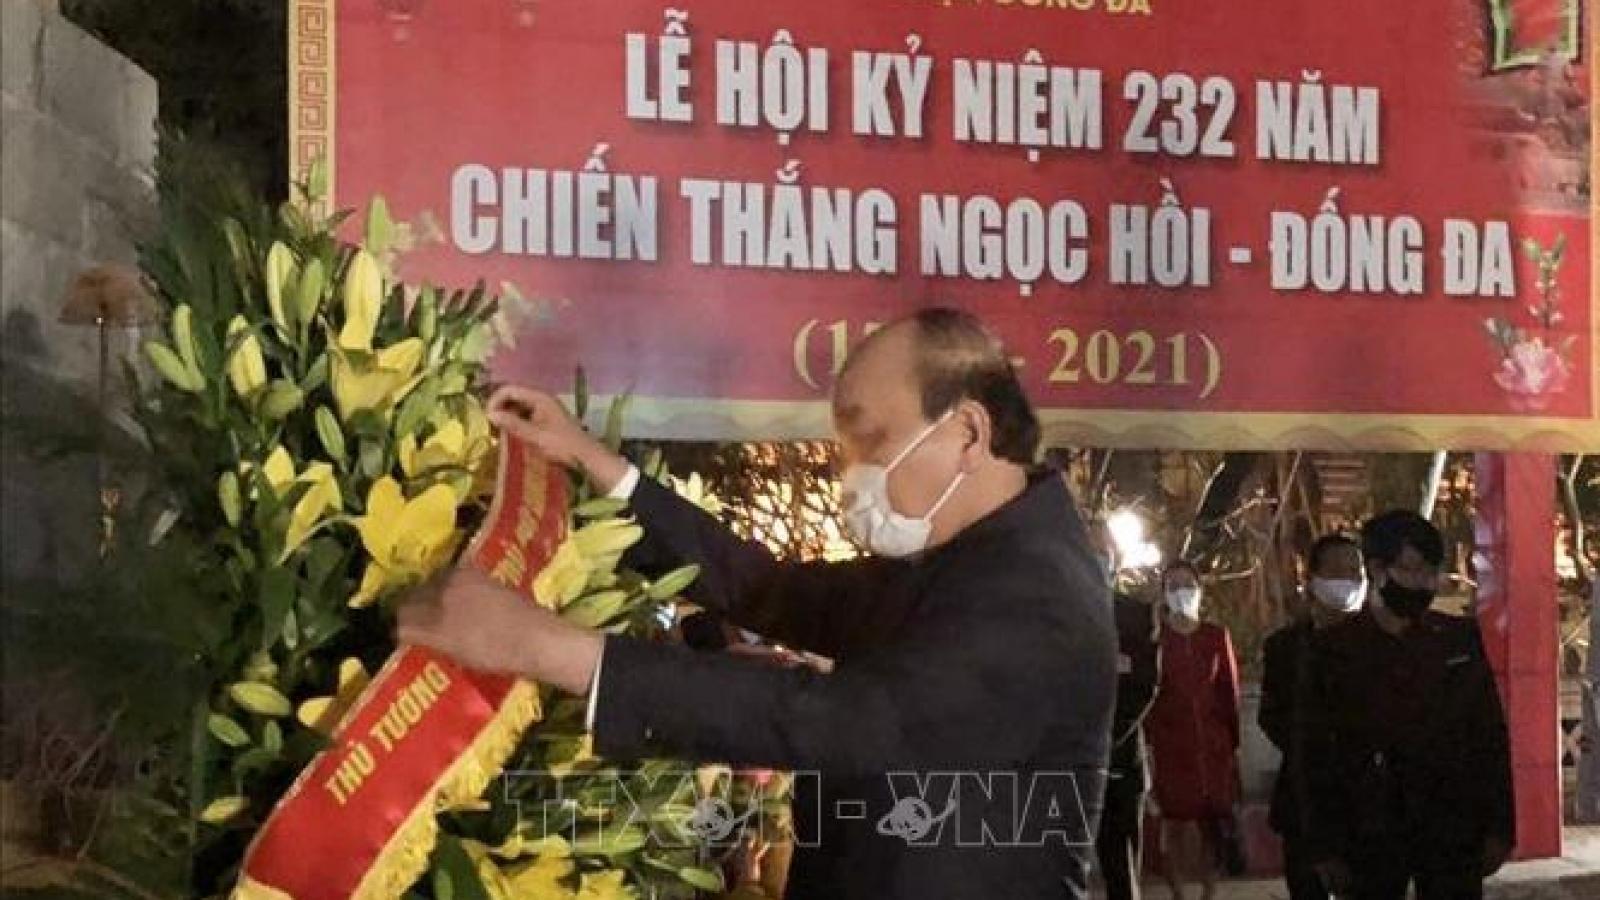 Thủ tướng dâng hương tưởng nhớ Hoàng đế Quang Trung – Nguyễn Huệ